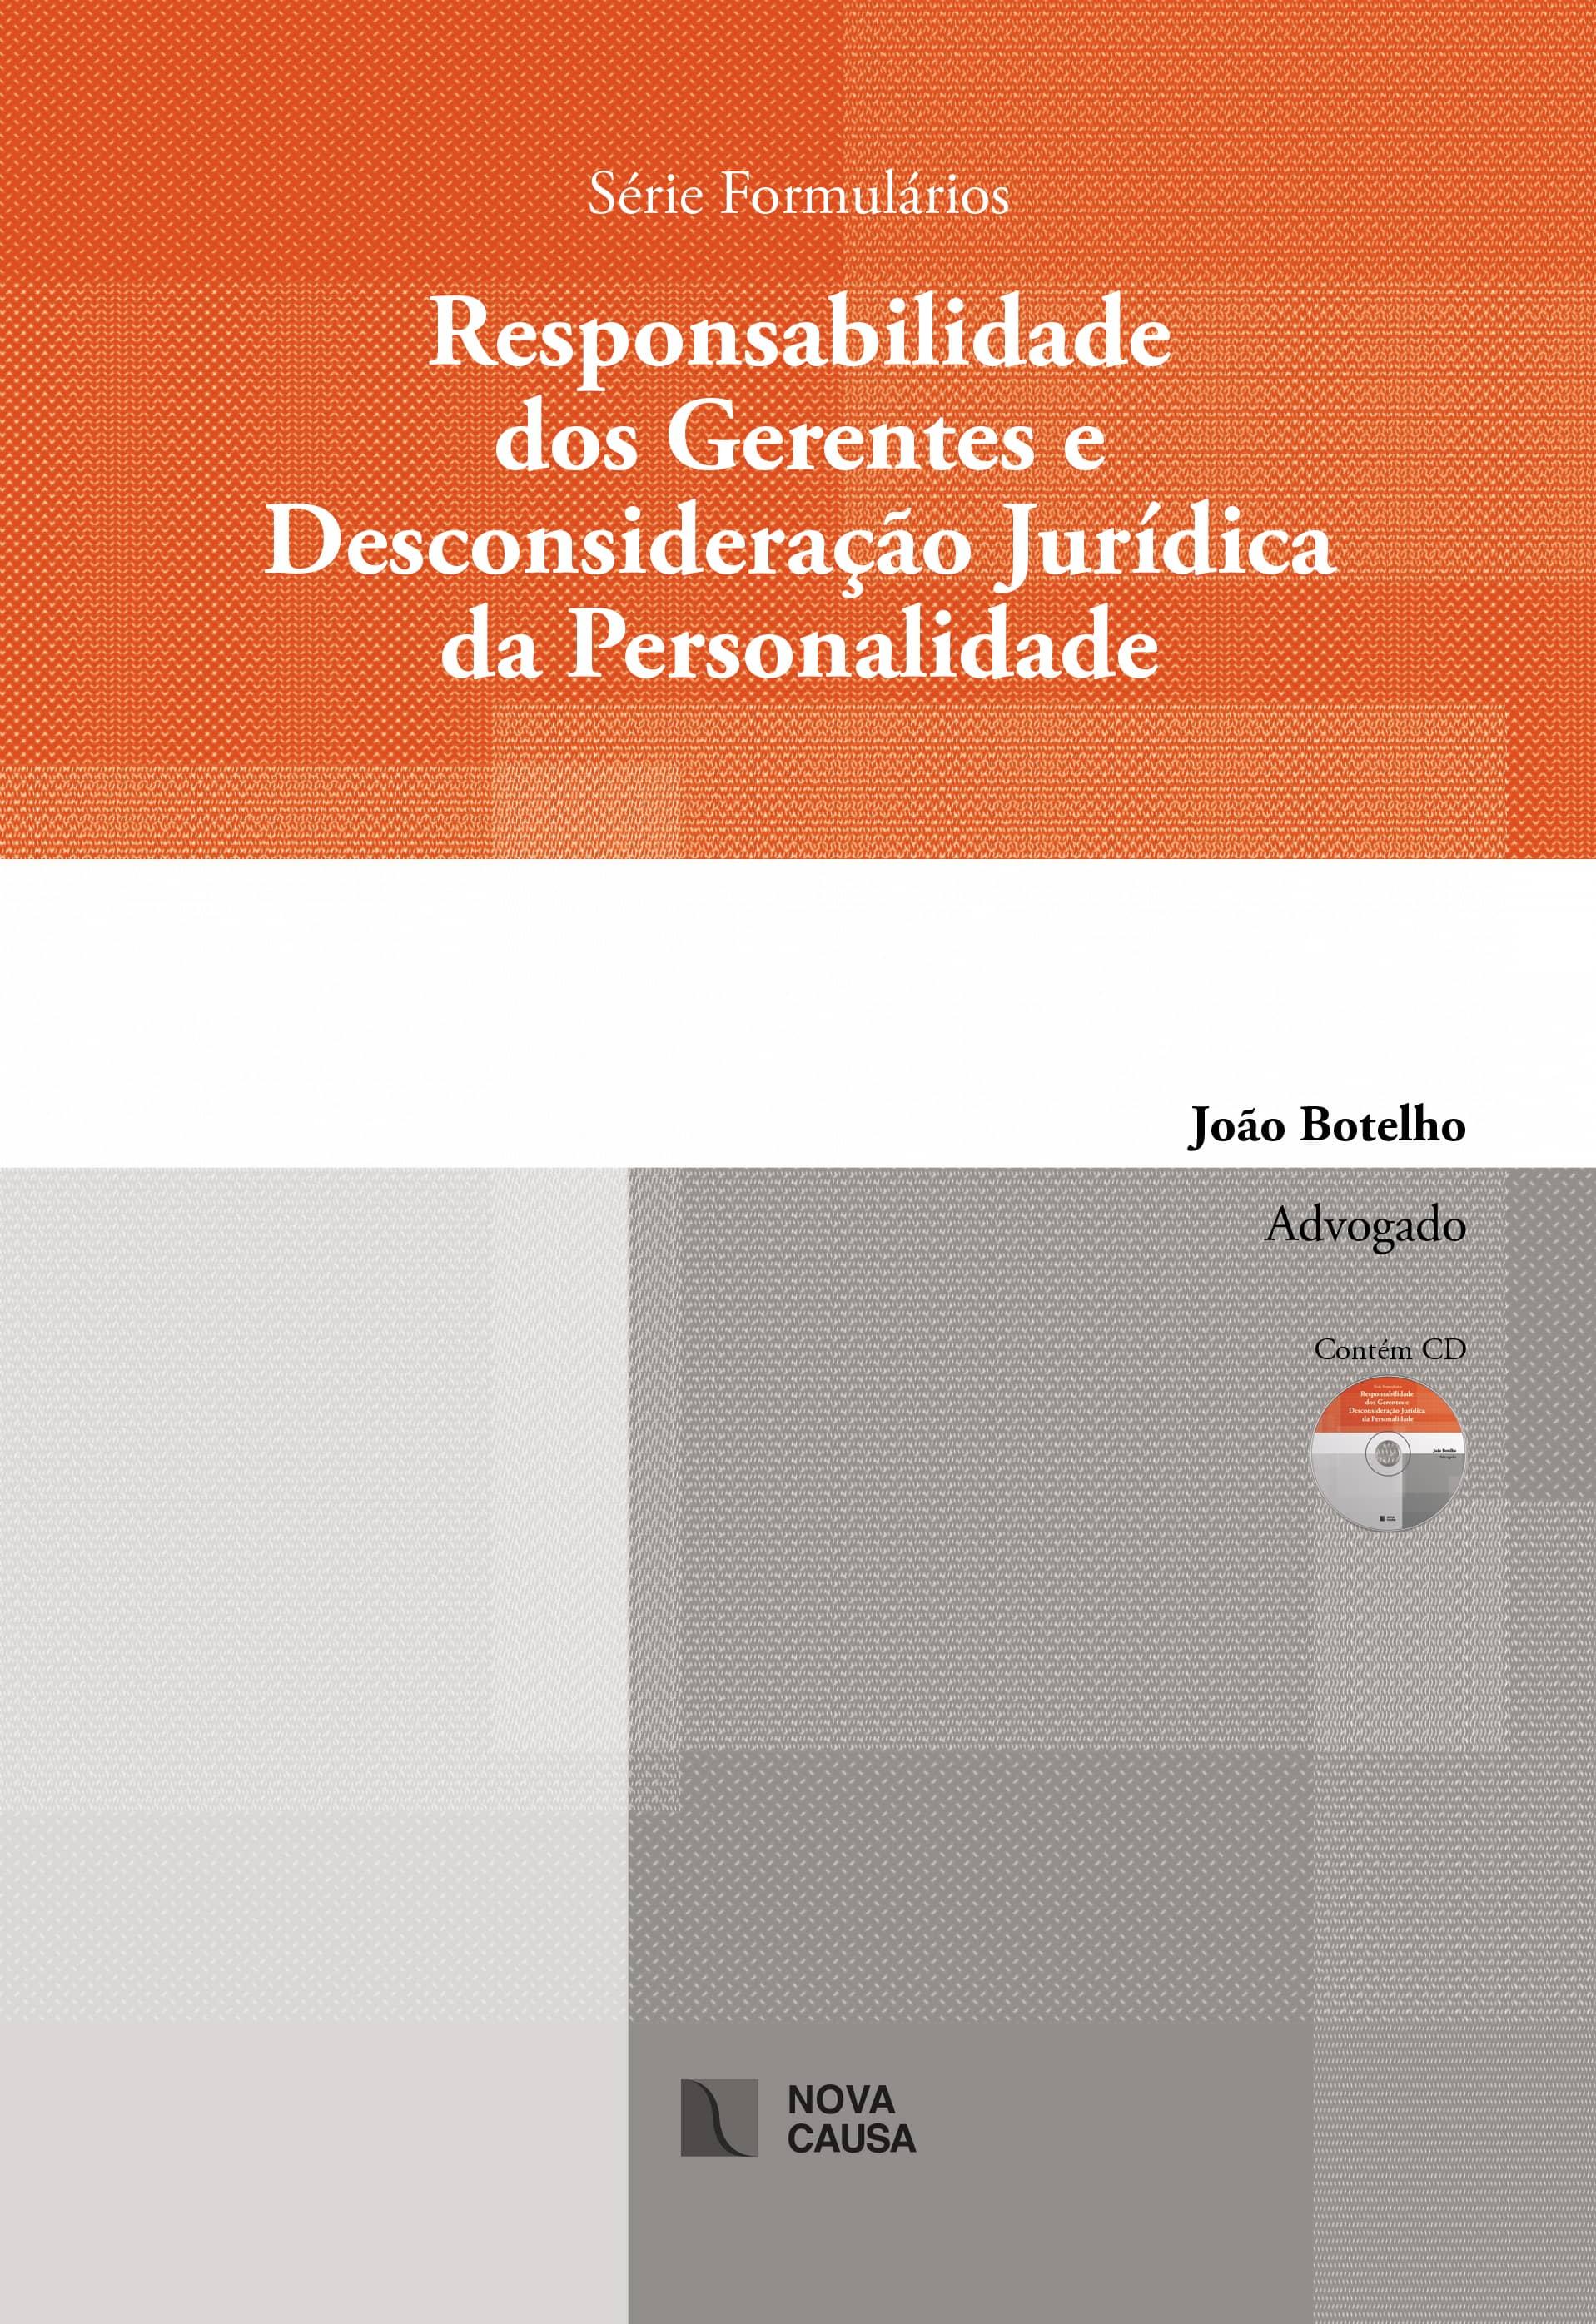 Responsabilidade dos Gerentes e Desconsideração Jurídica da Personalidade